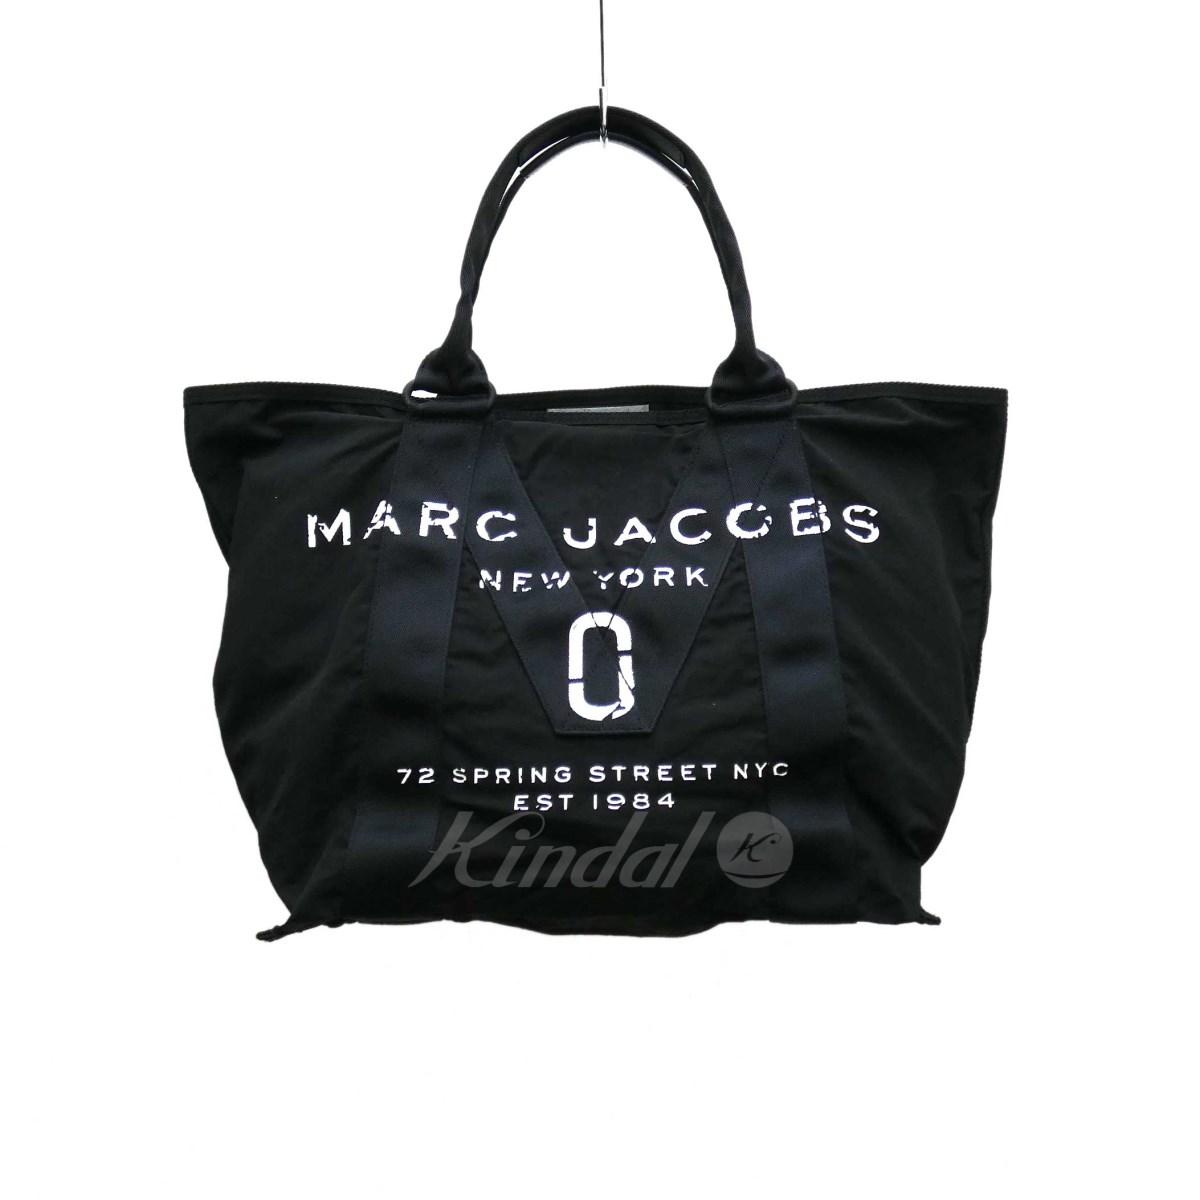 【中古】MARC JACOBS ニューロゴトートバッグ 2018A/W ブラック 【280519】(マークジェイコブス)